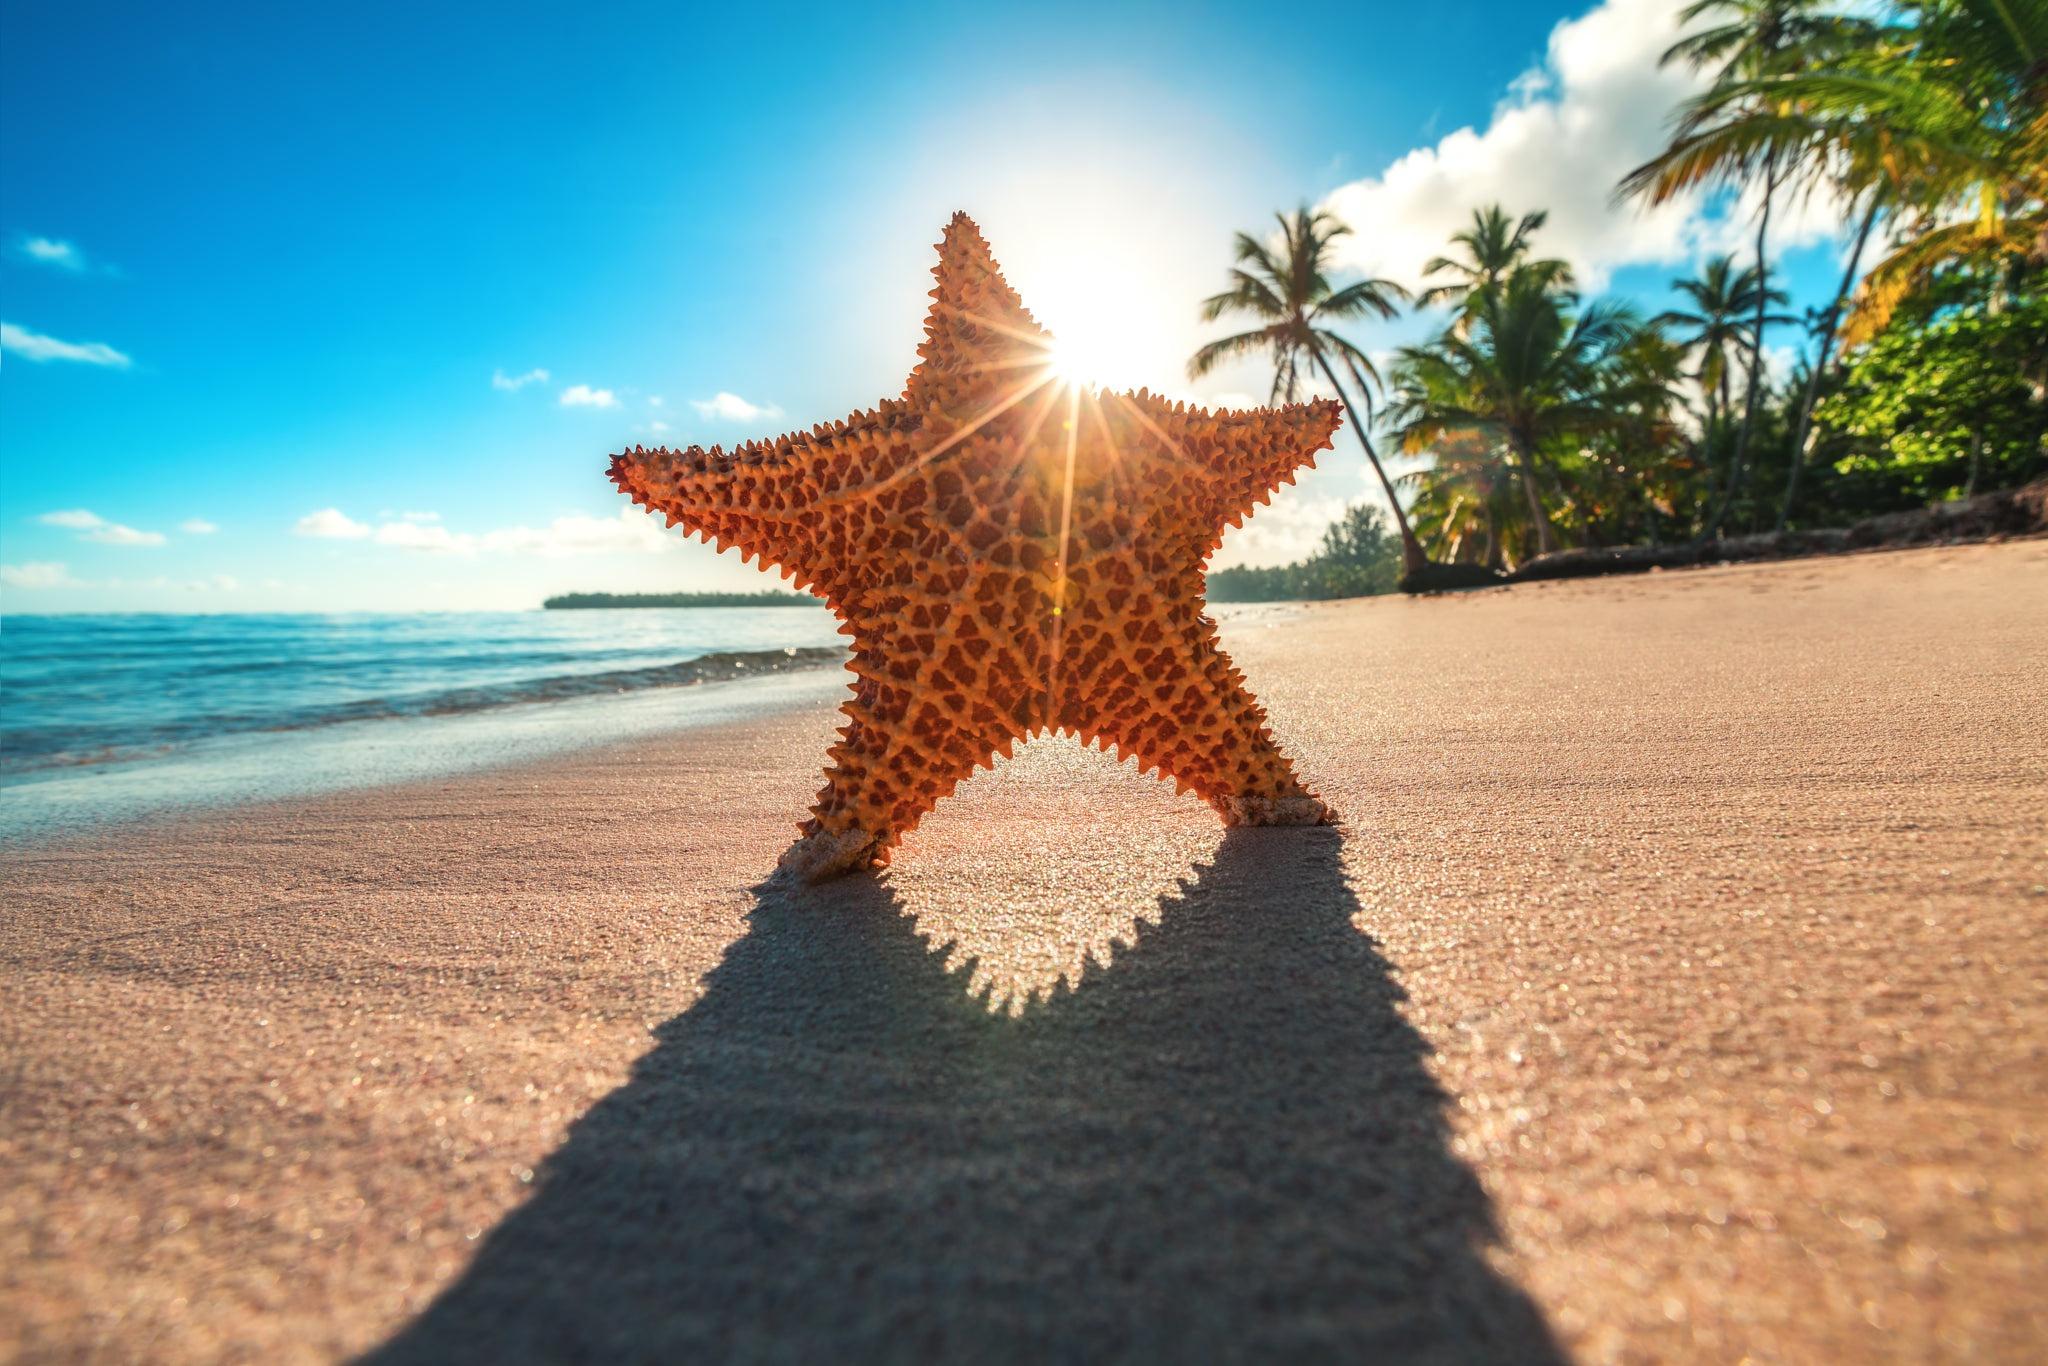 海星 沙滩 椰子树 阳光 清新沙滩海星高清电脑桌面壁纸插图